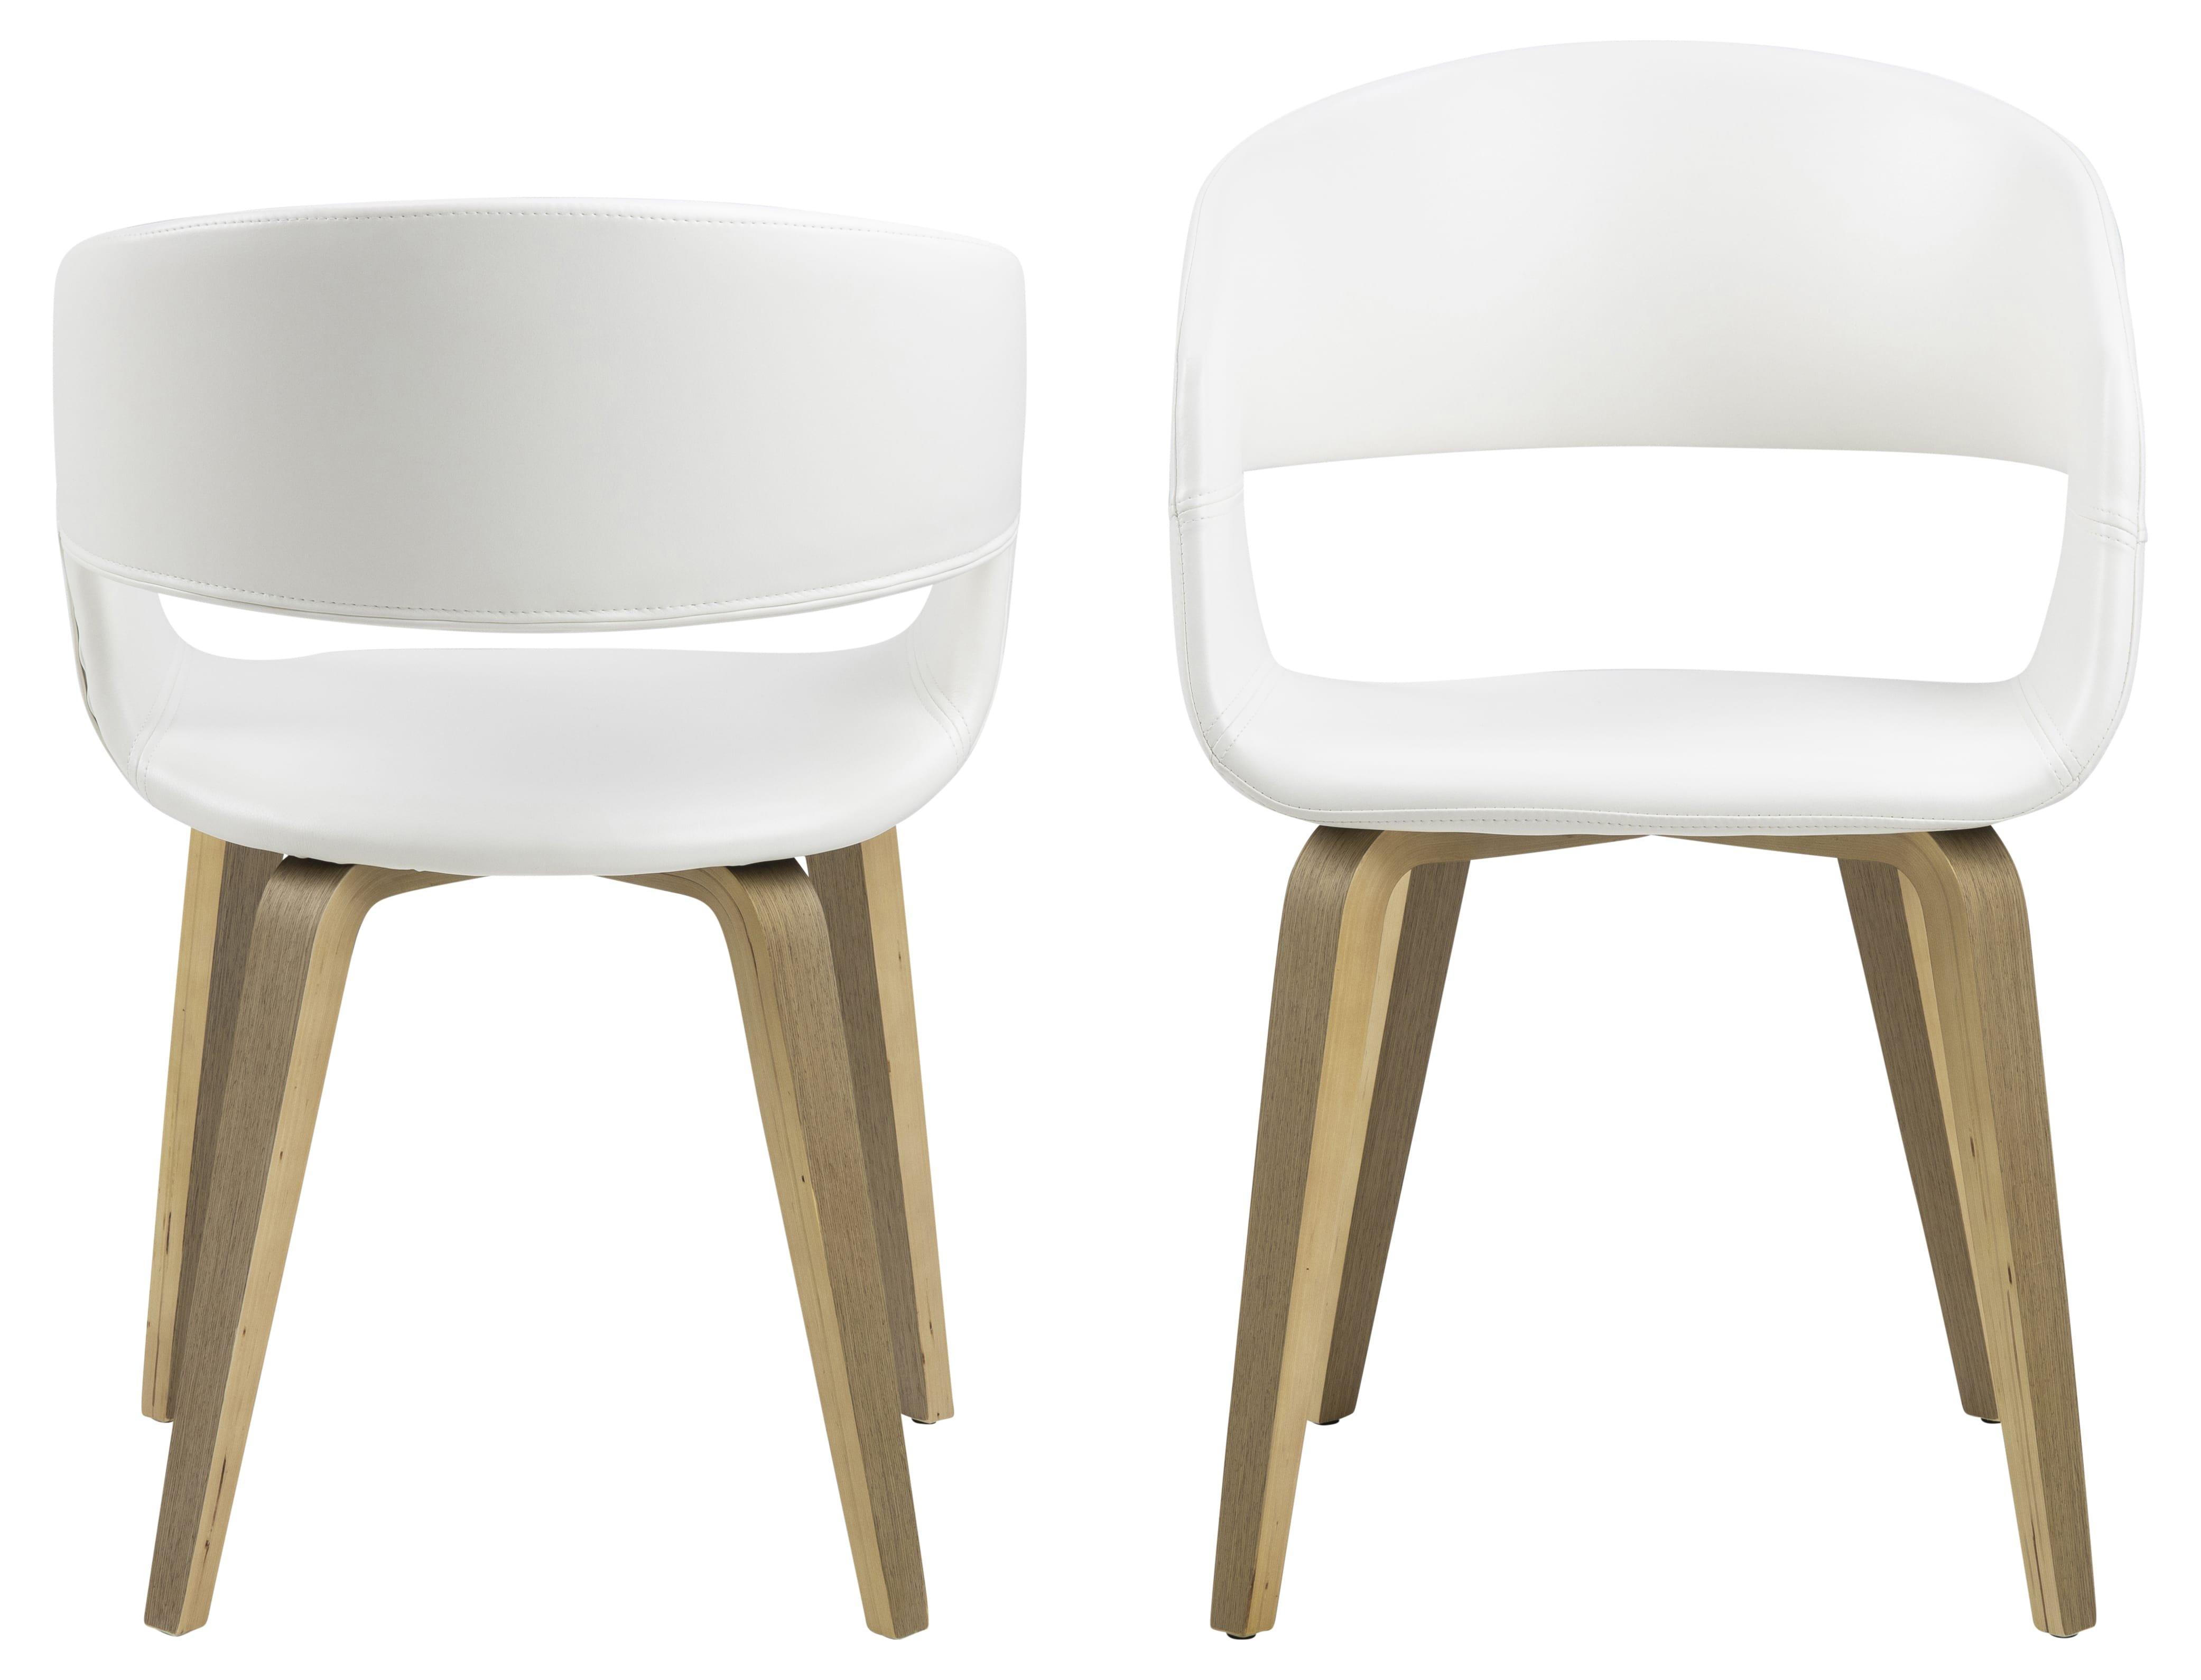 Chaise scandinave blanche design (lot de 5) ALLEN